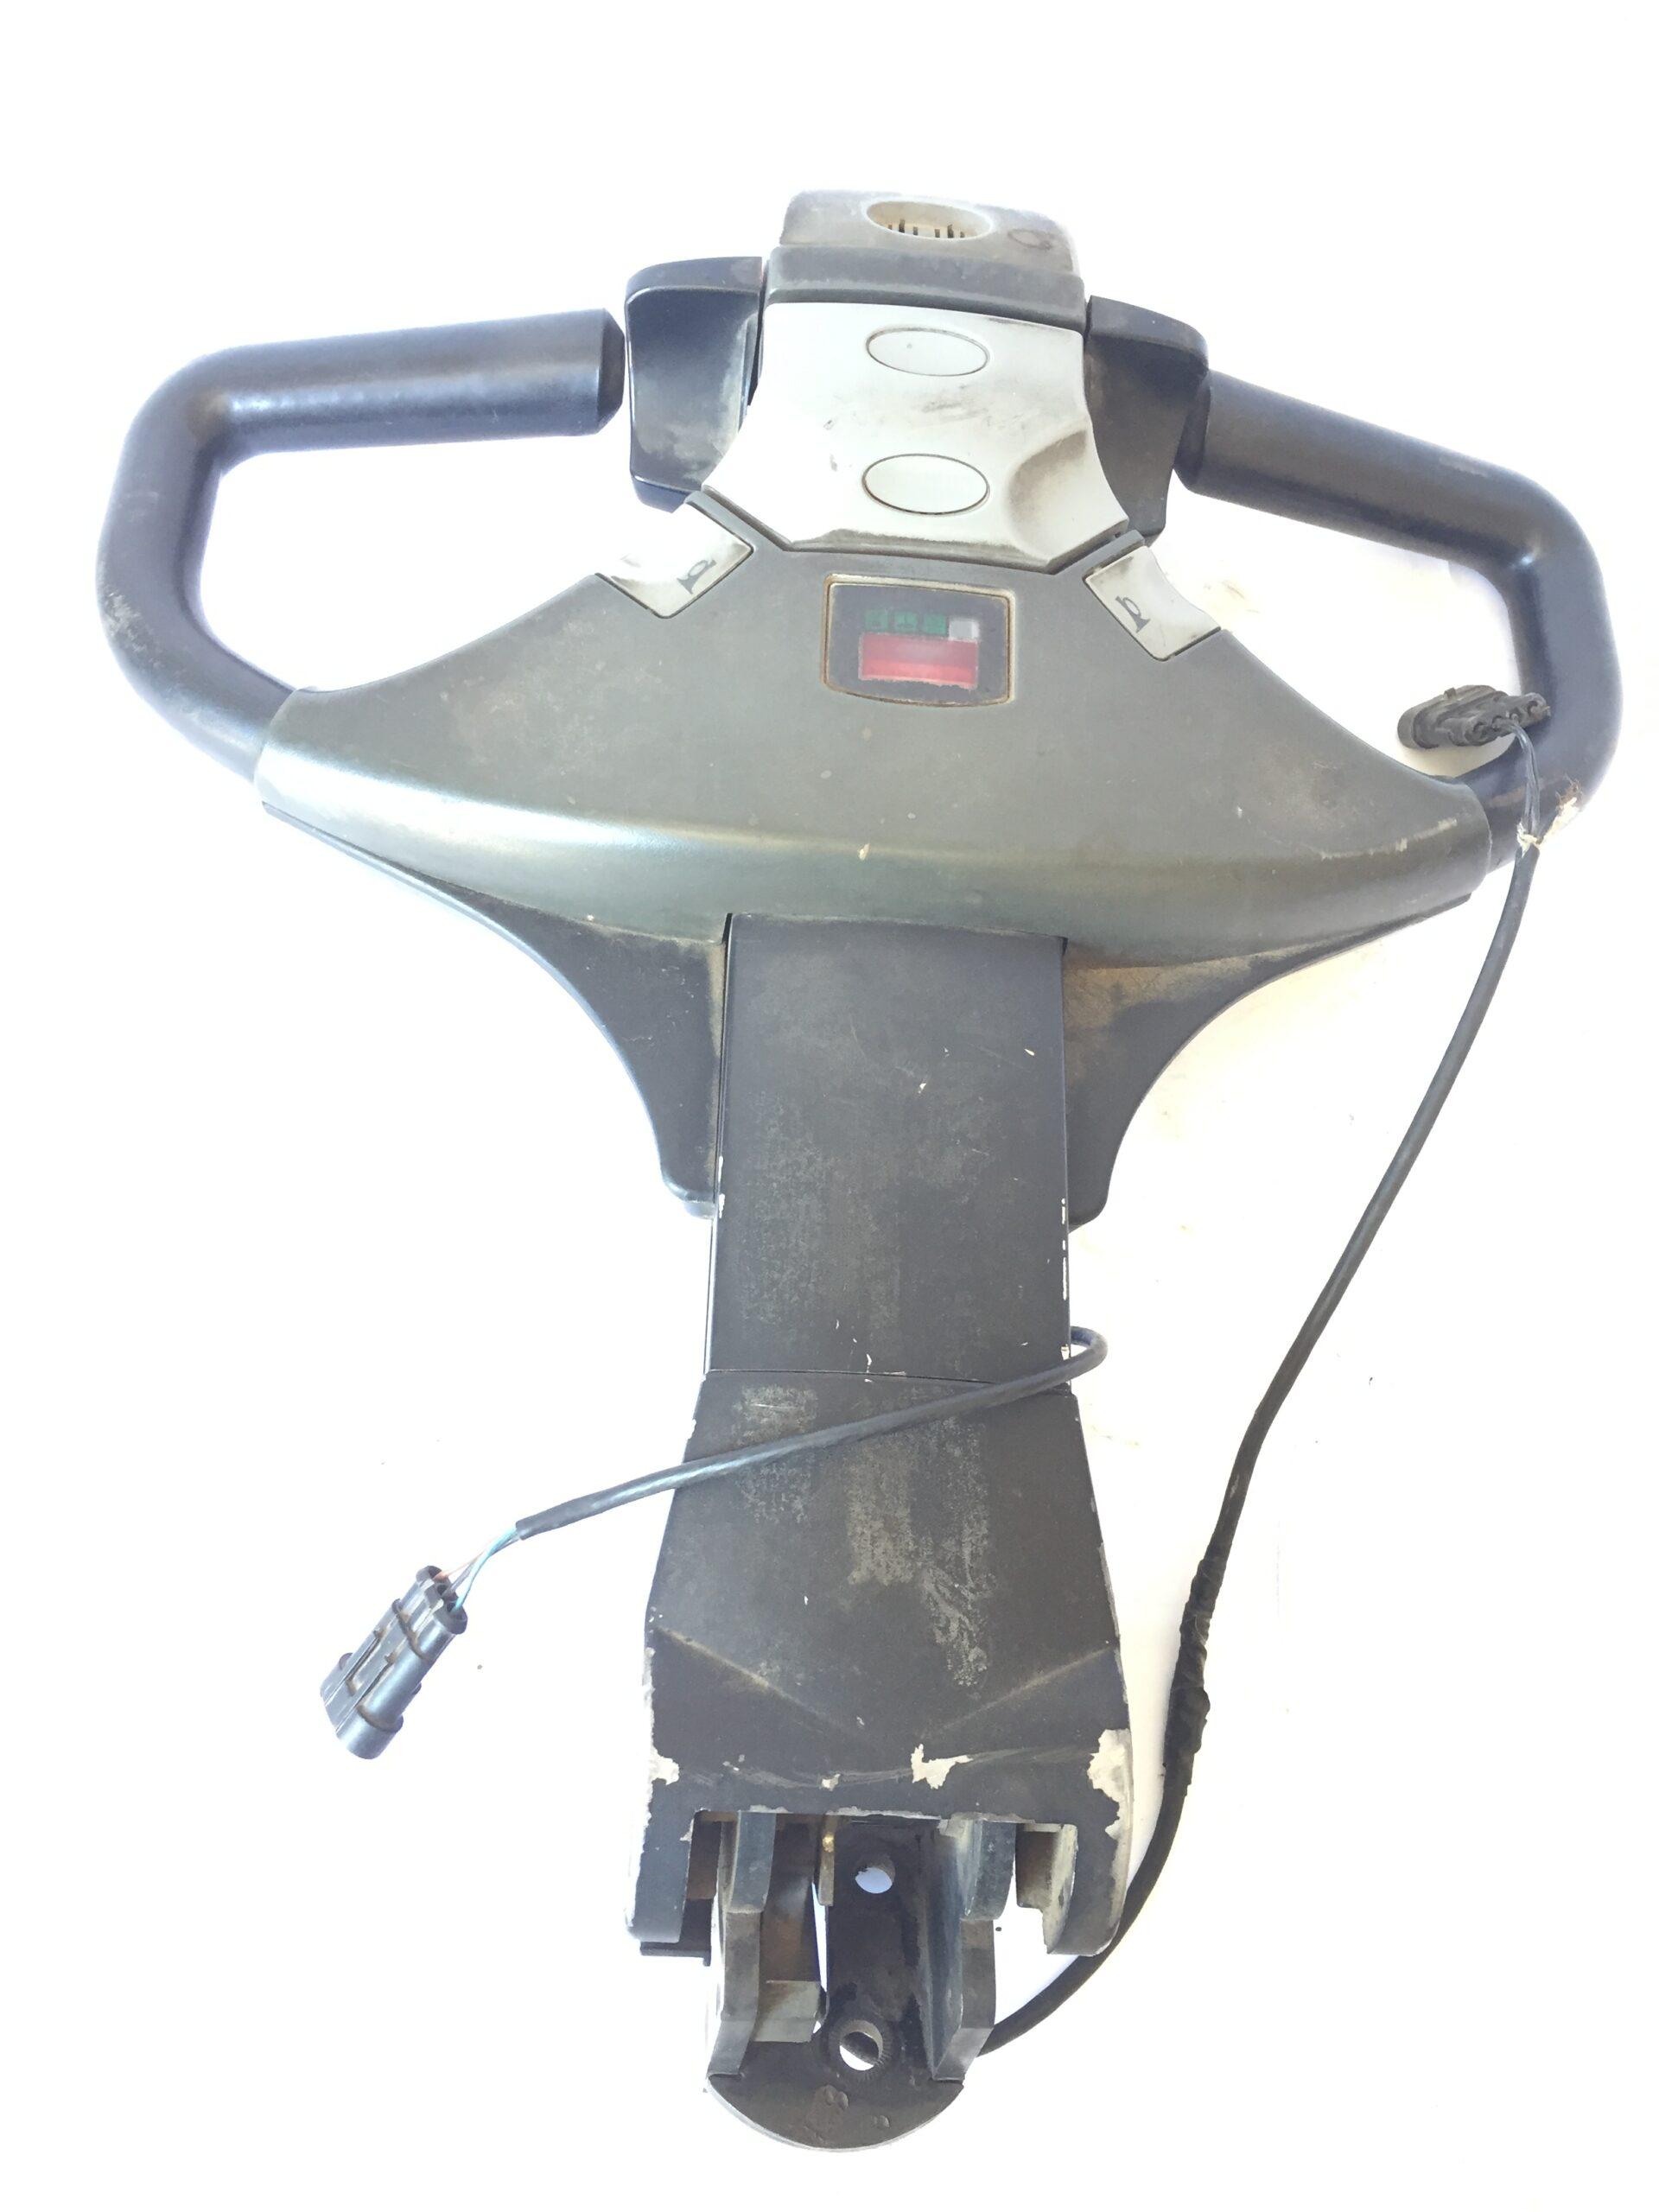 | Steering Arm/ Wheel/ Lever | Fazl-e-Rasheed and Company October 2021